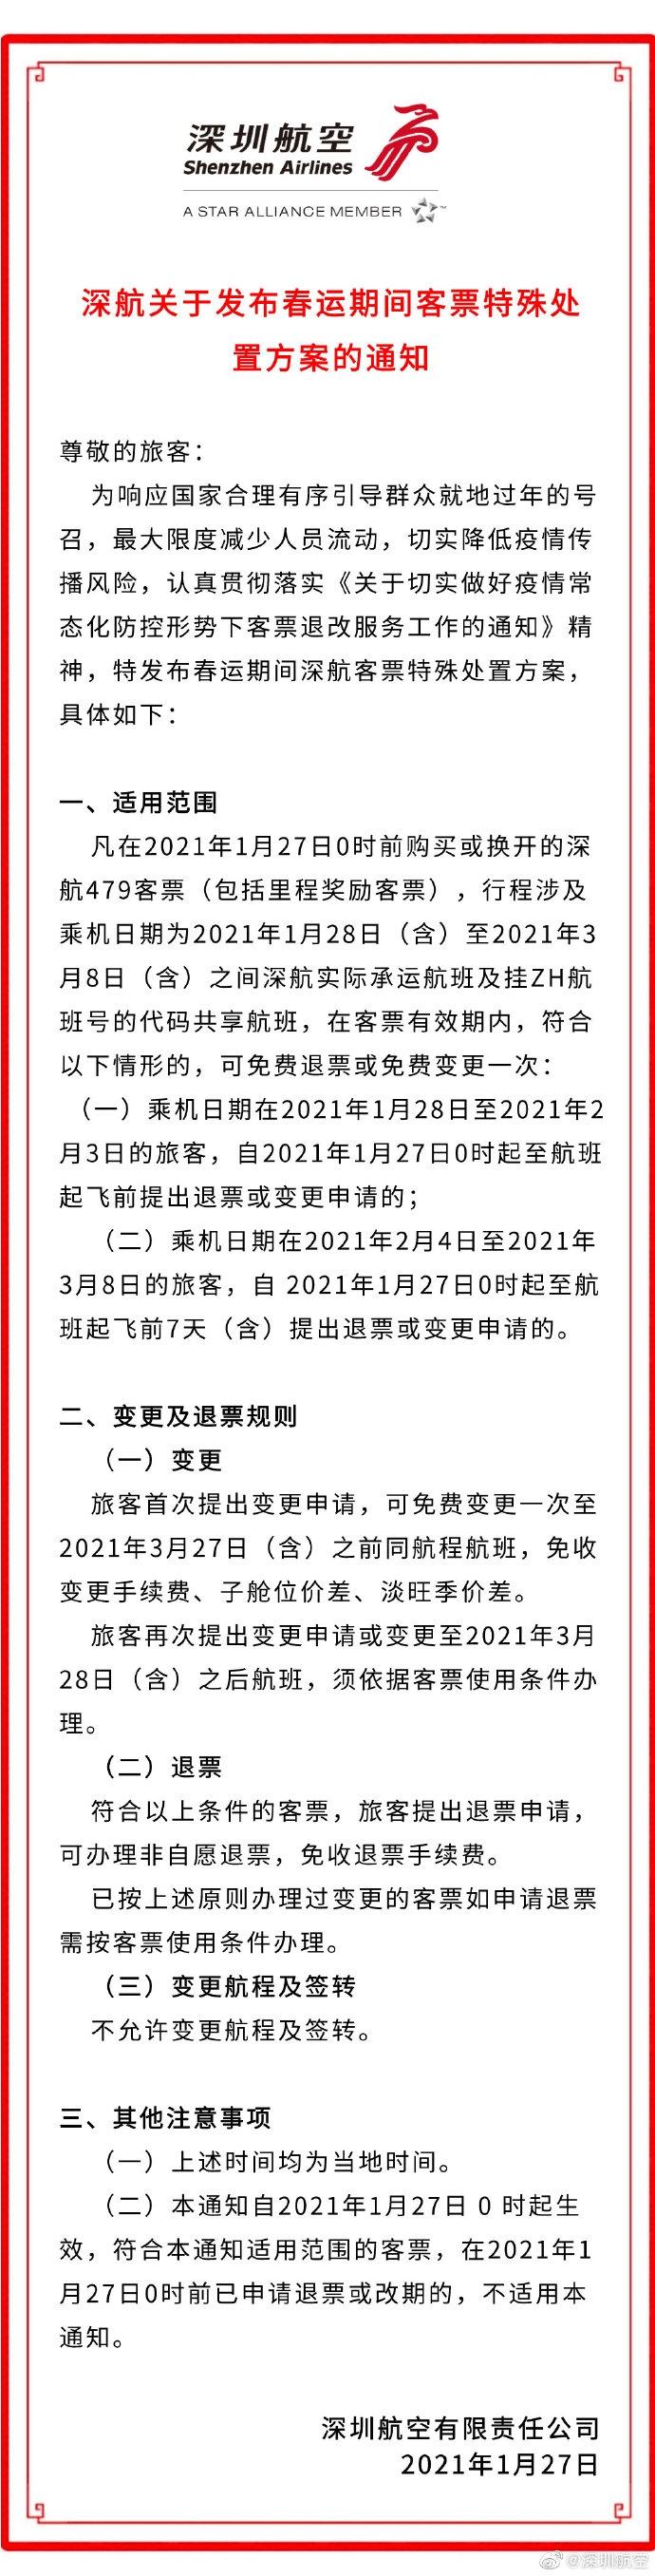 来源:深圳航空